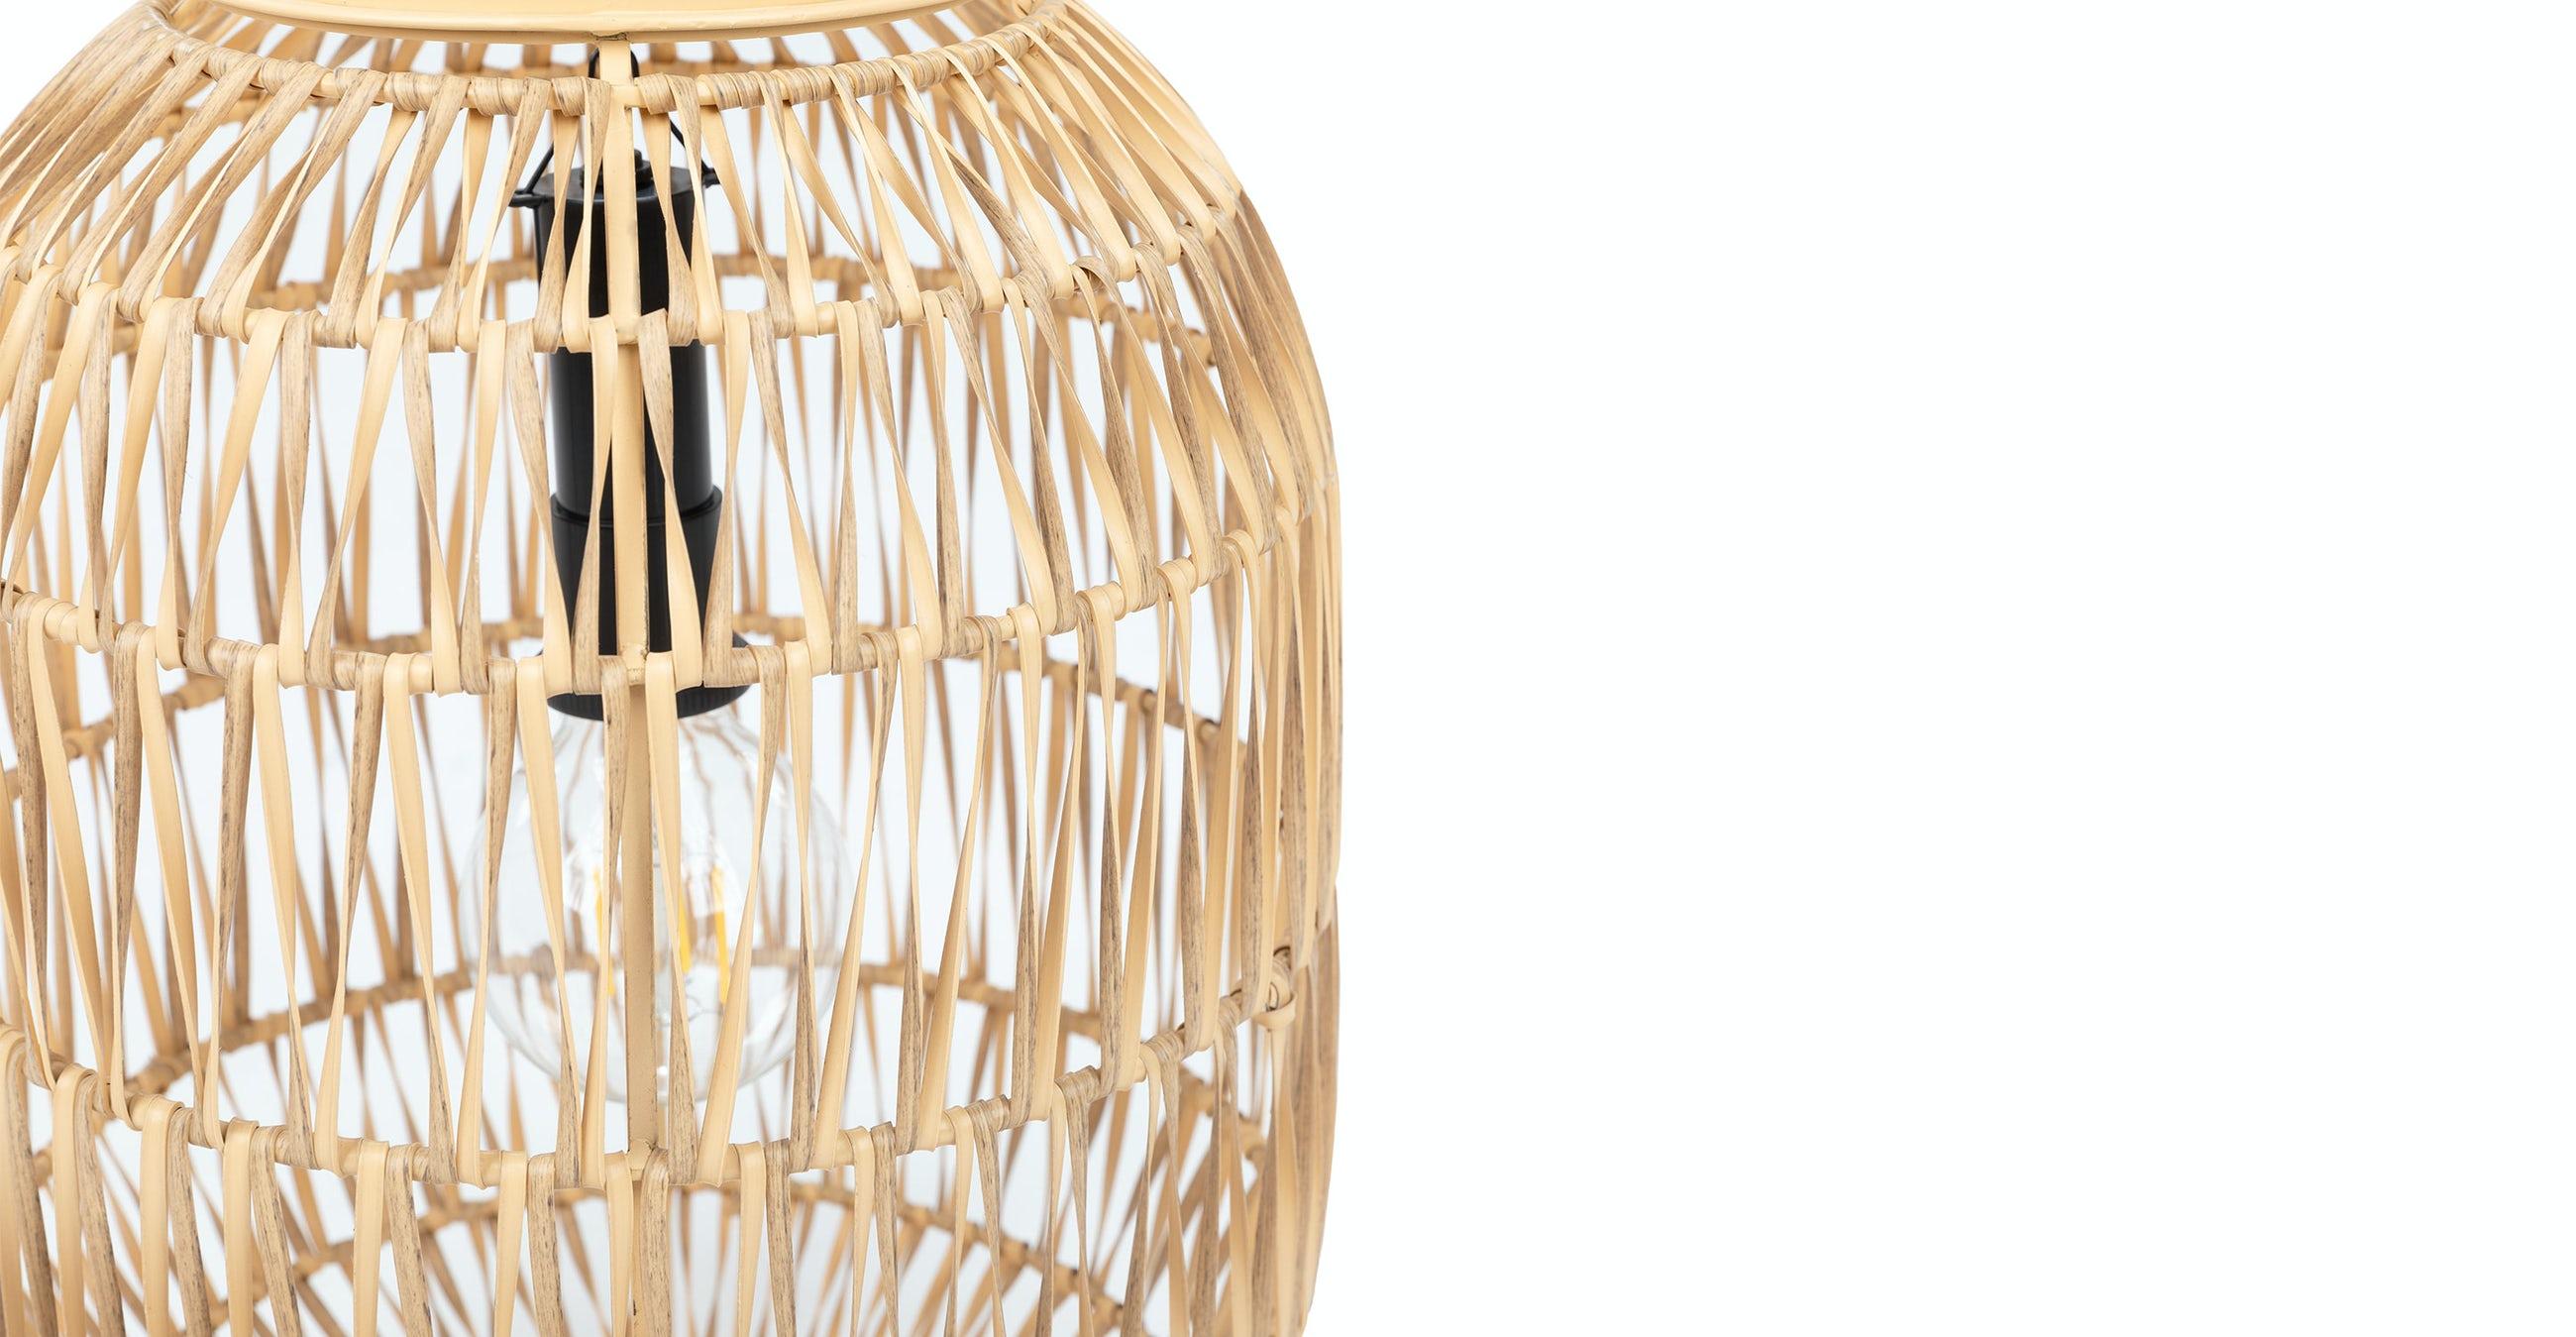 Bori Large Natural Lantern Set